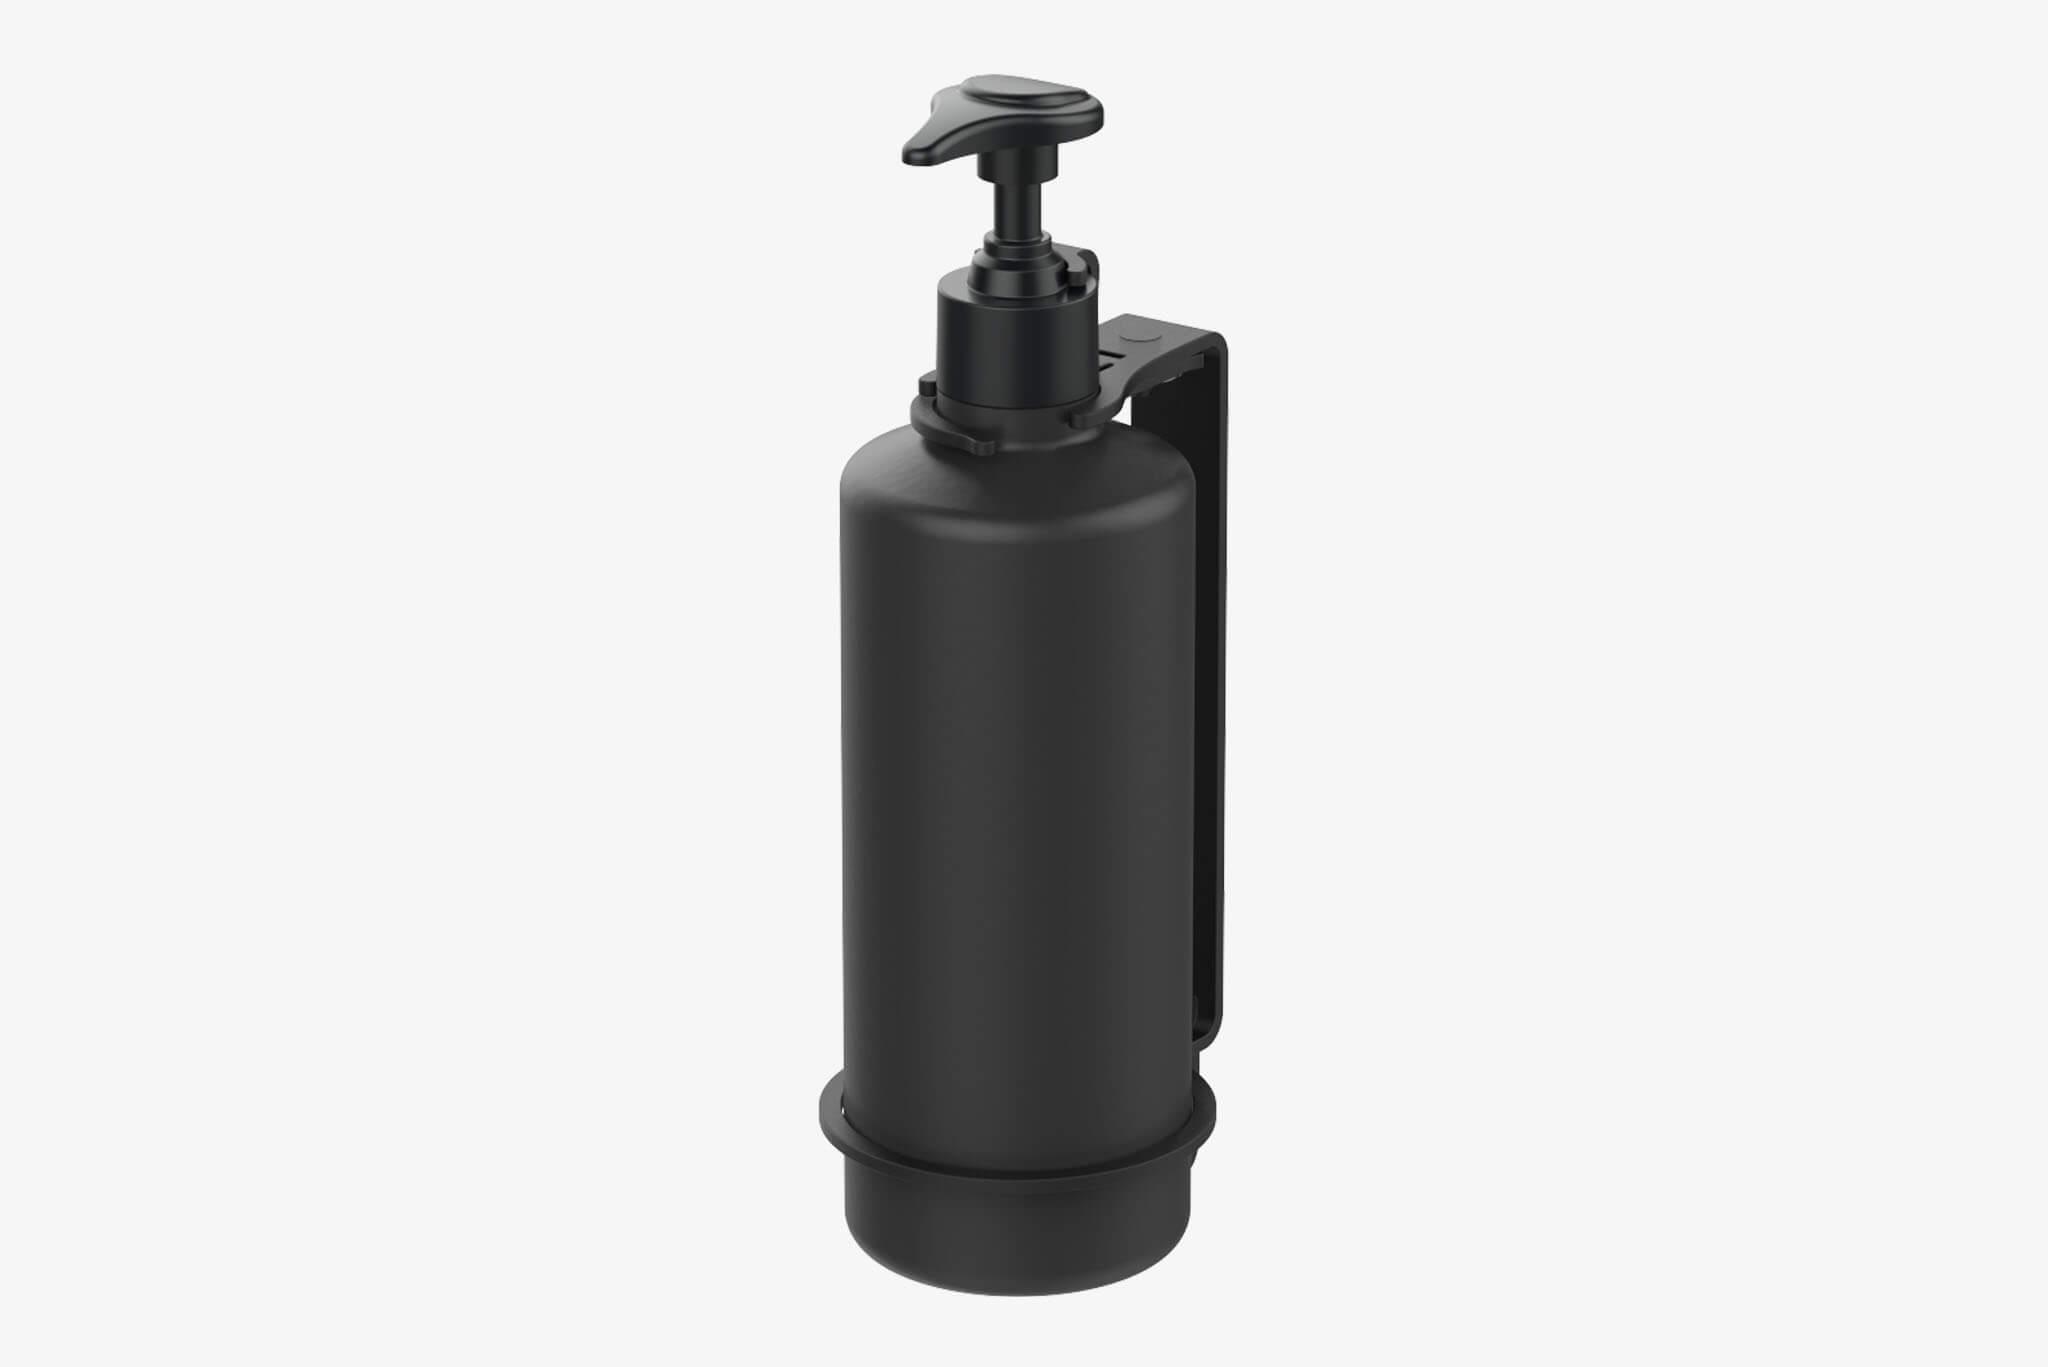 Bottle Holder Tamper Proof W/ Base Ring (ID.1714)